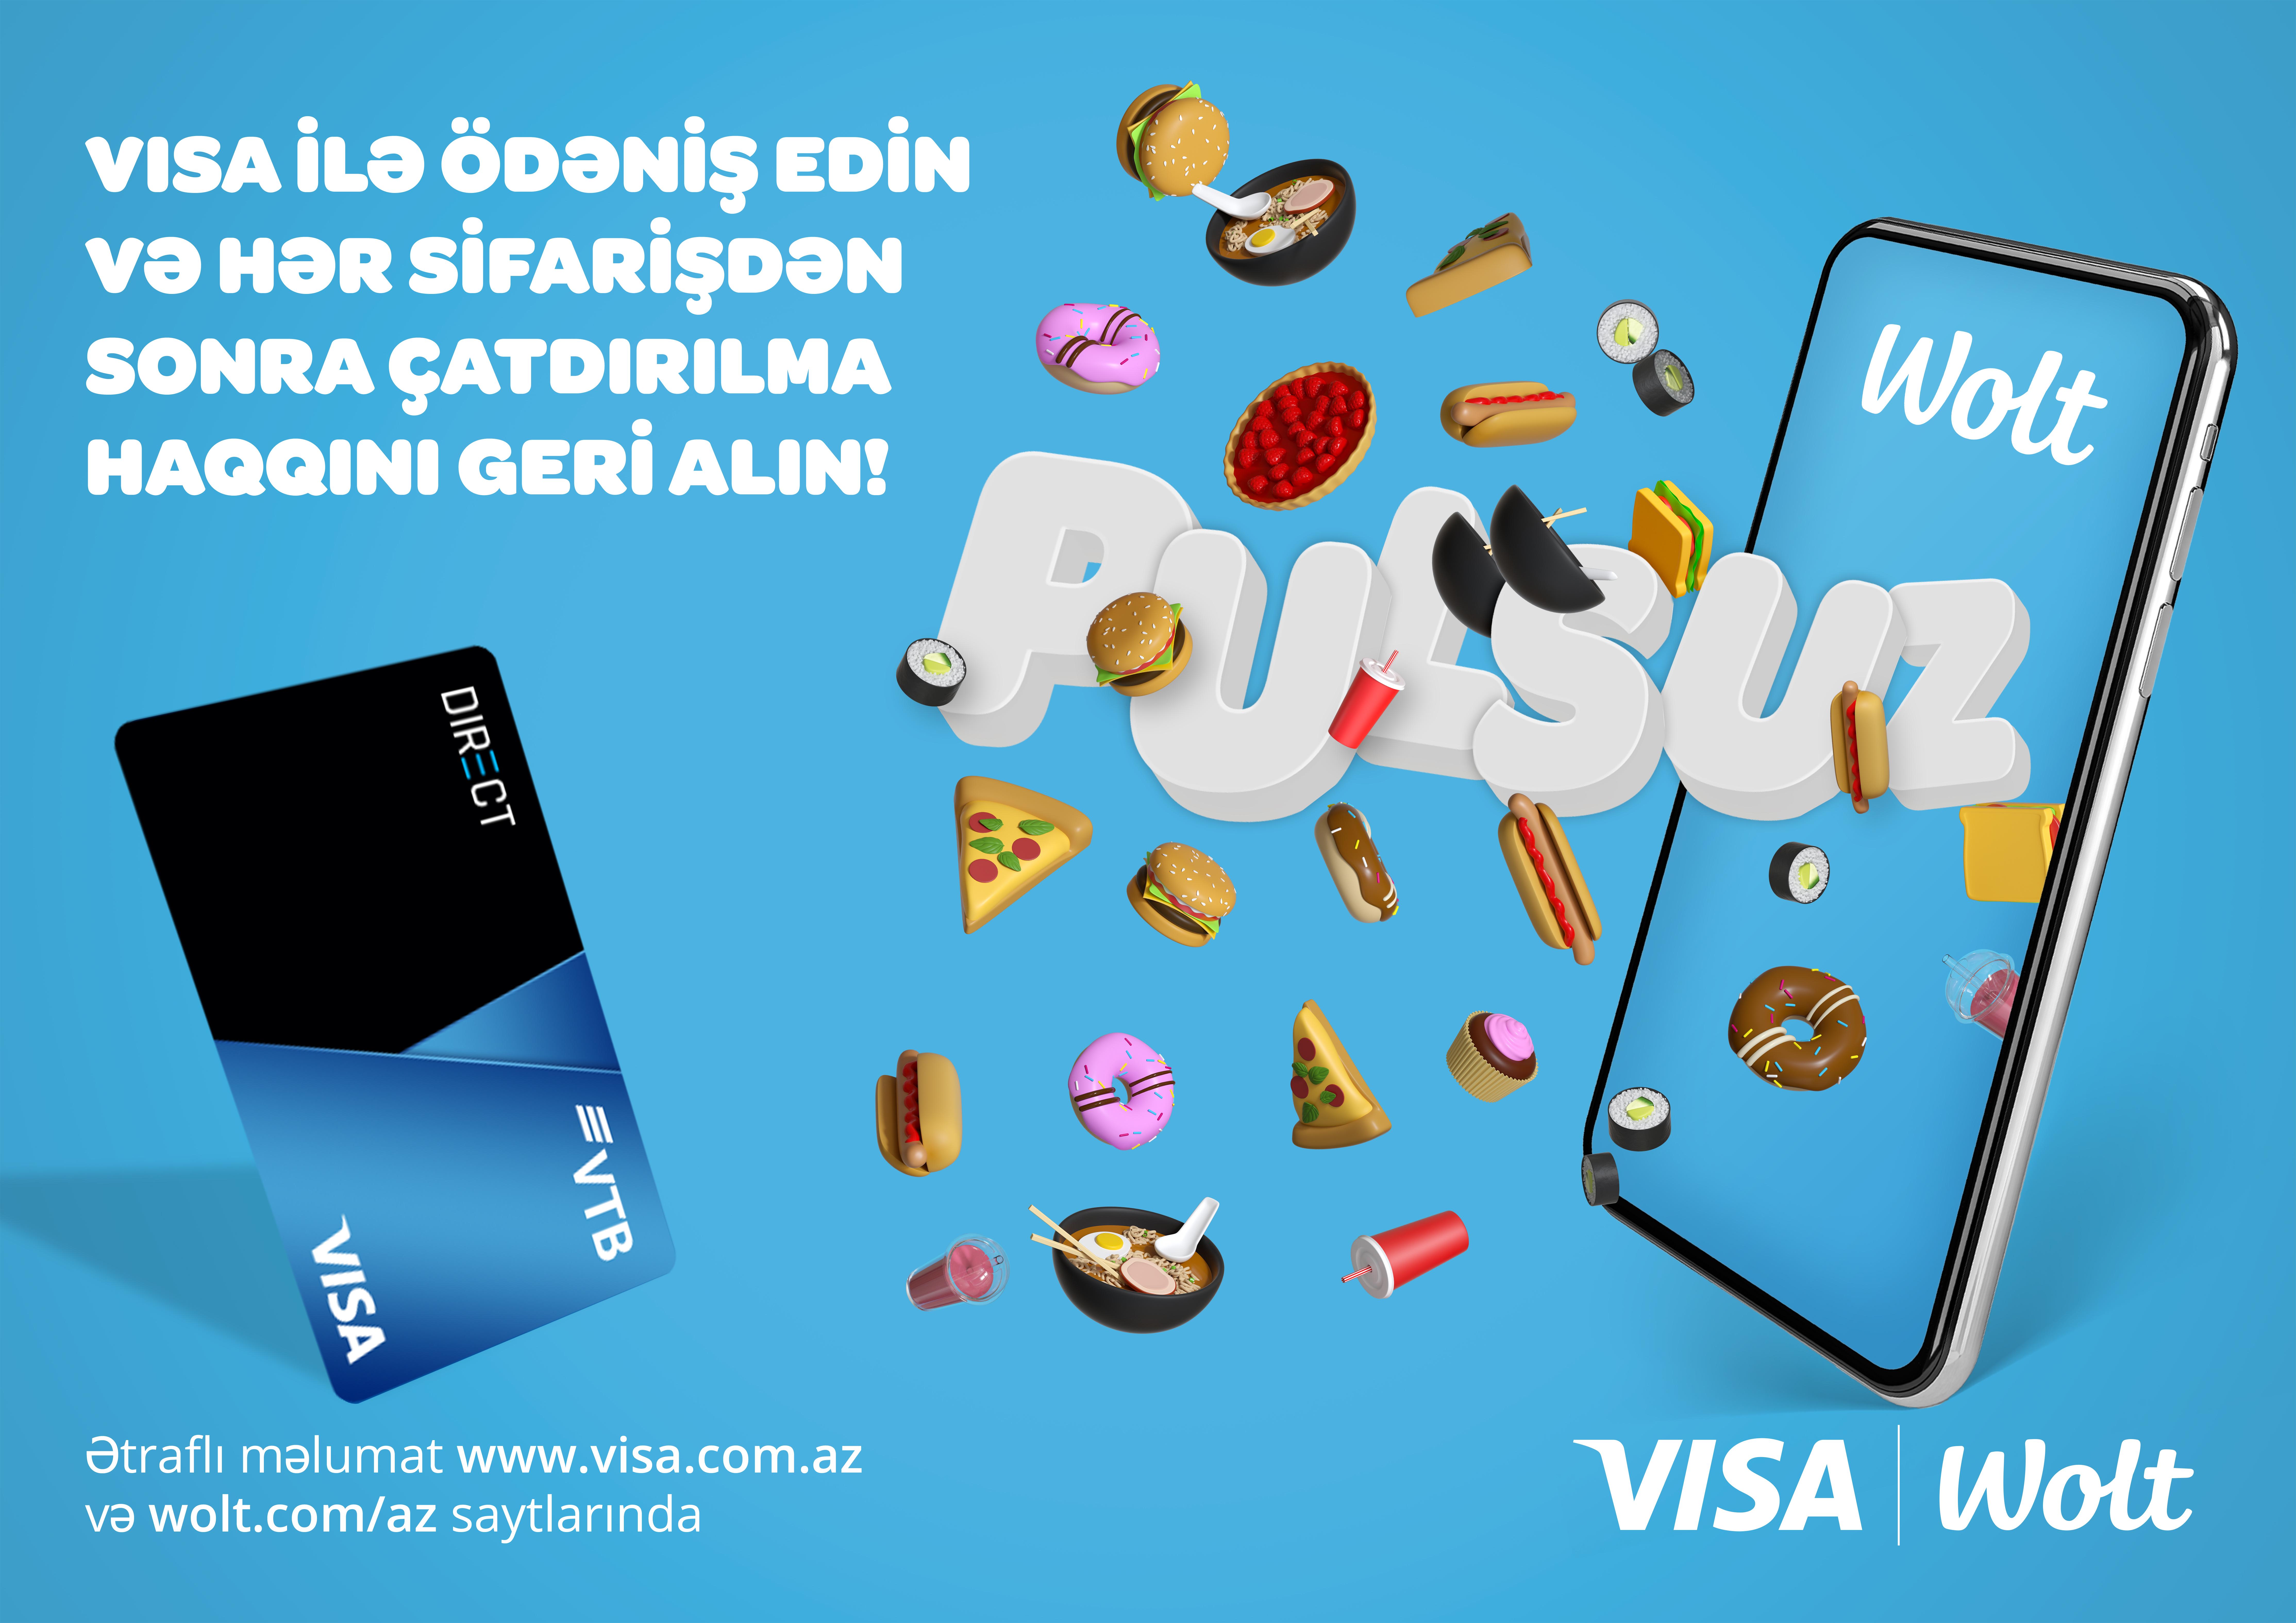 Владельцы карт Visa банка ВТБ (Азербайджан) при заказе еды получат бесплатную доставку